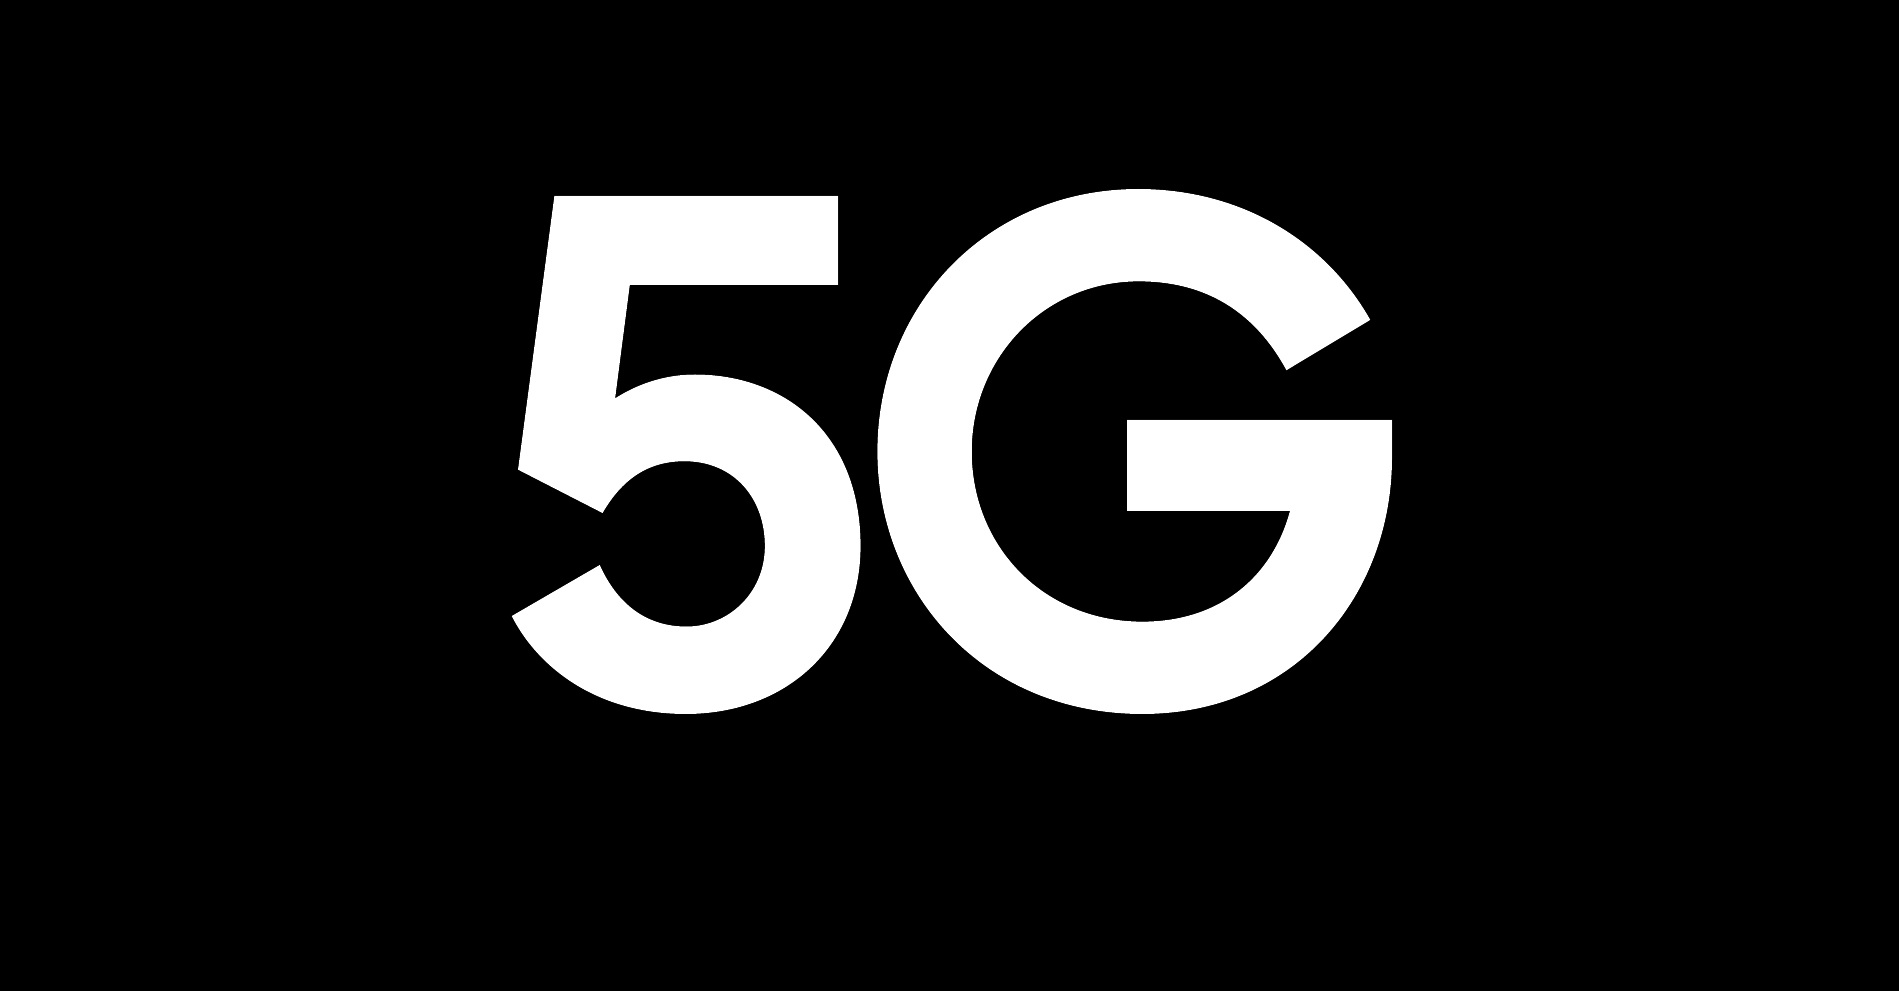 Aukcja częstotliwości dla sieci 5G w Polsce może rozpocząć się już po wakacjach